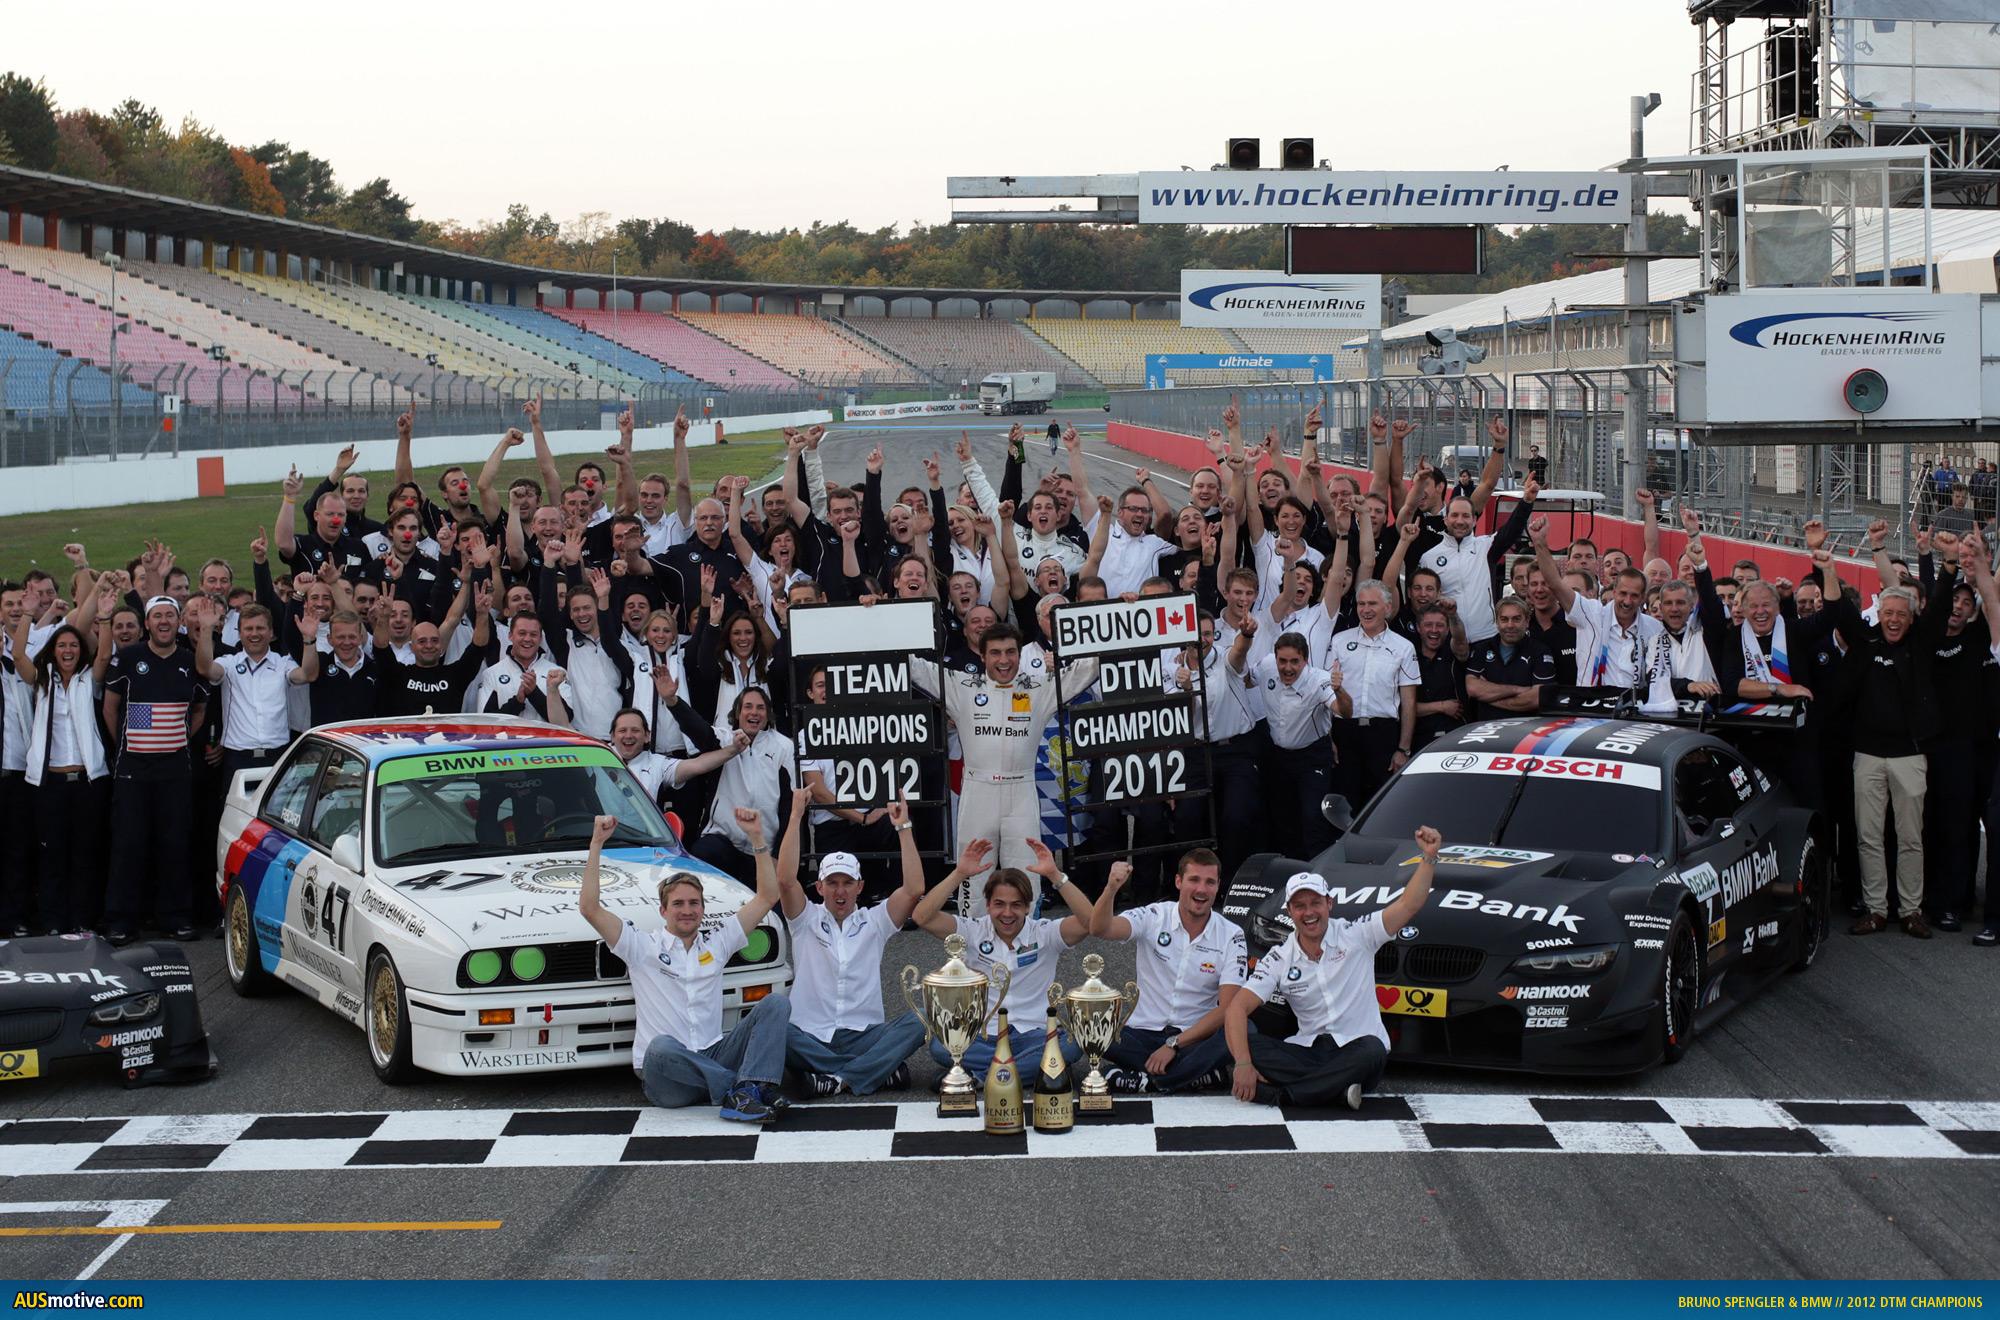 AUSmotive.com » BMW triple crown caps off dream DTM return